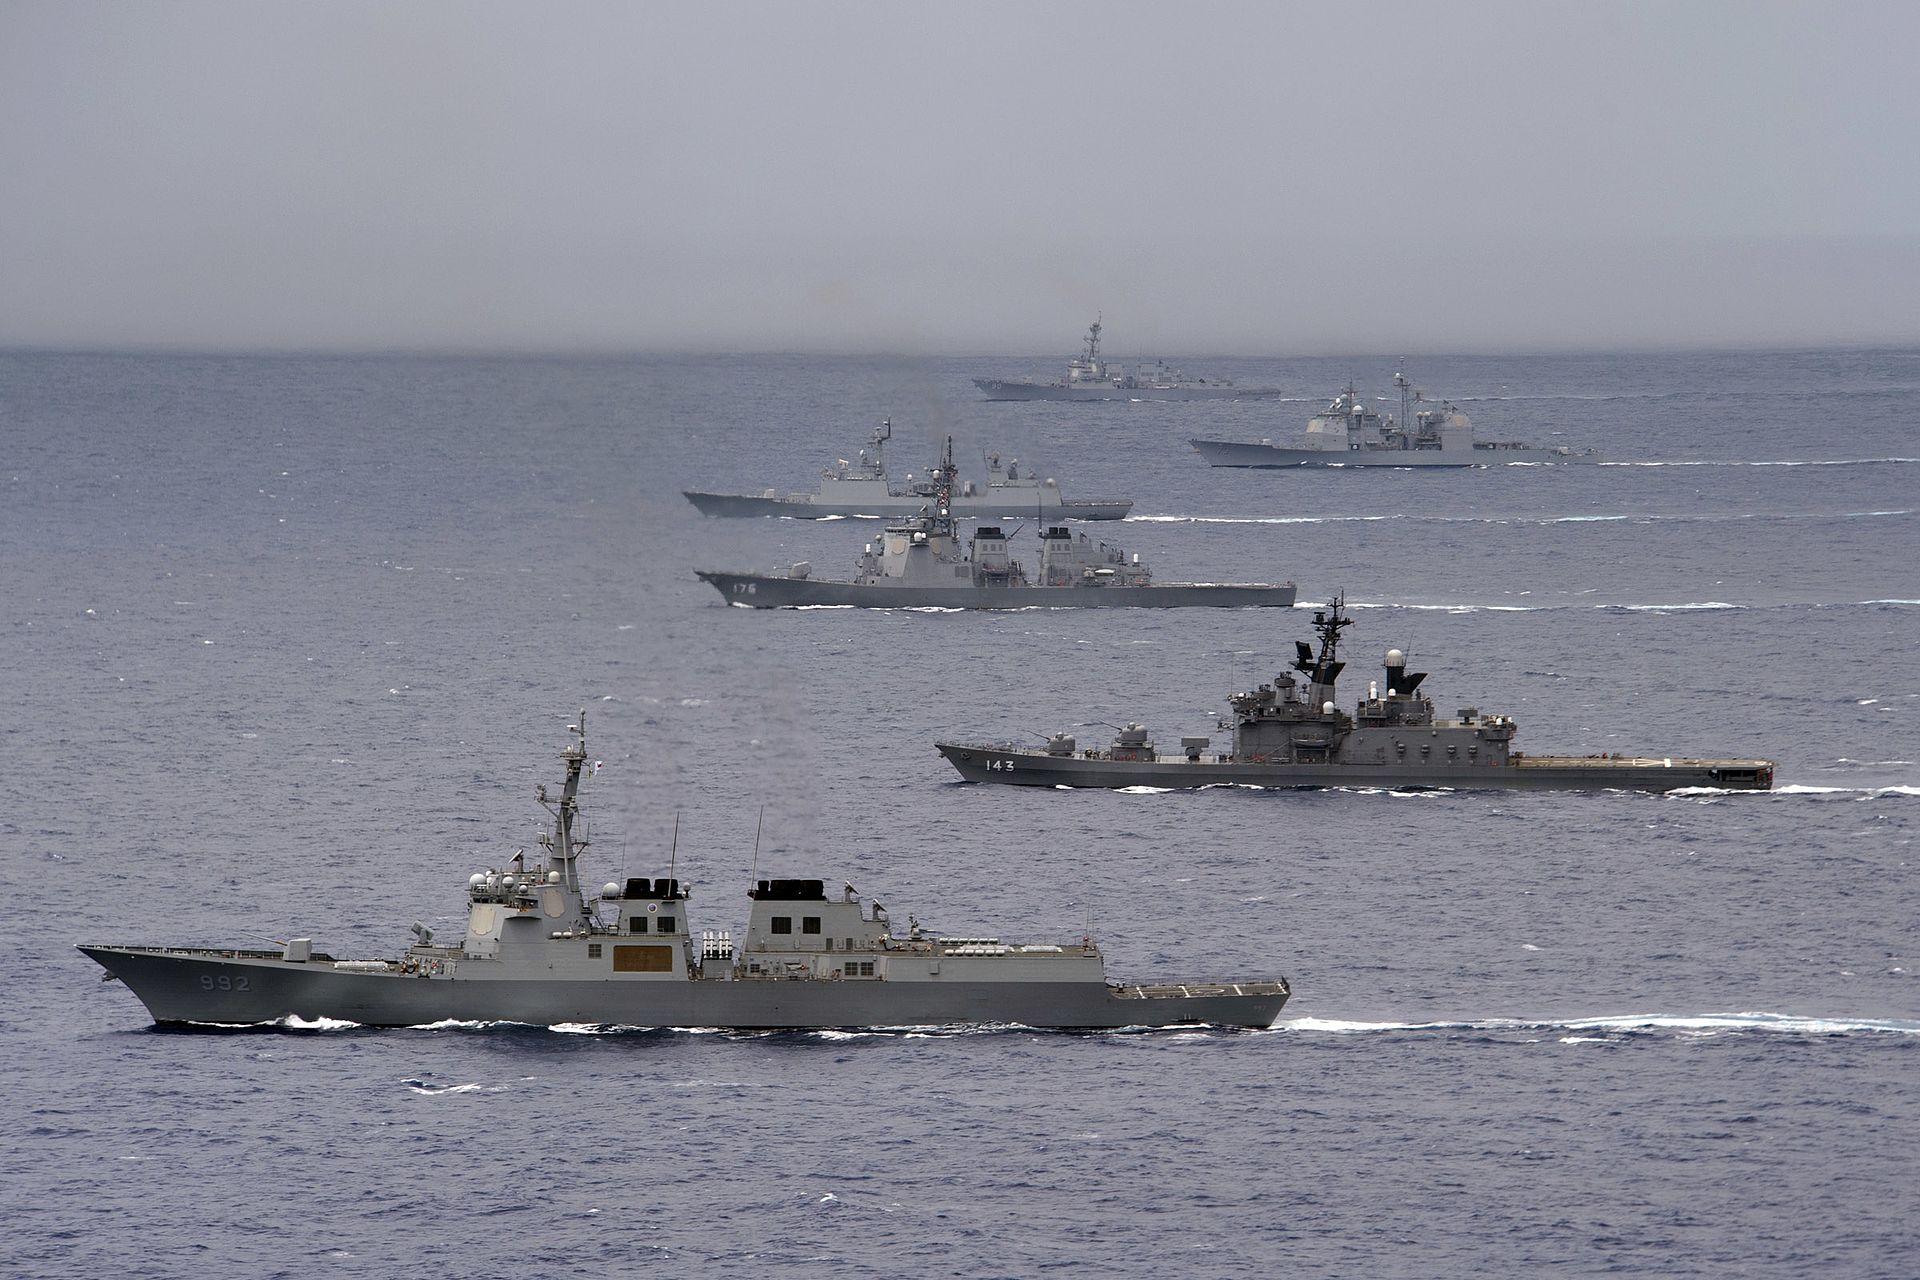 Ukraina rozbudowuje swoją flotę